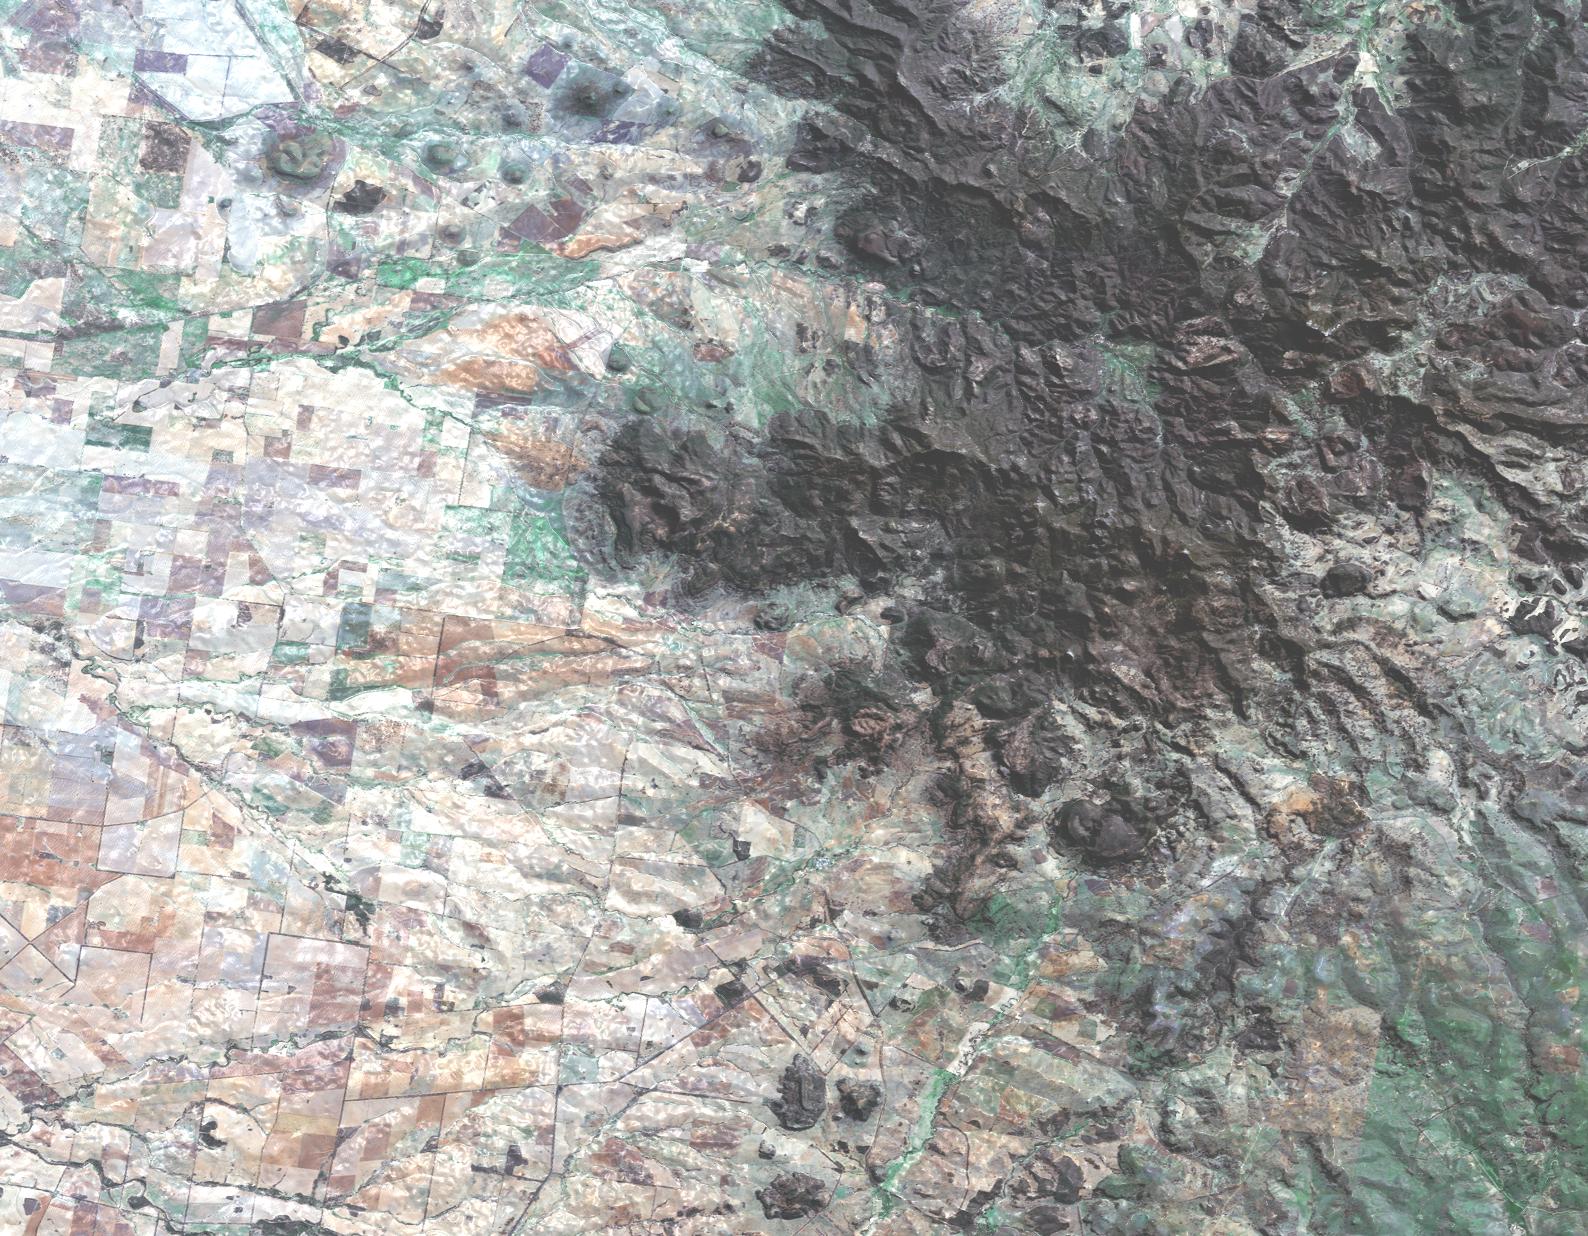 RGB Natural Color, enhanced Landsat - 8